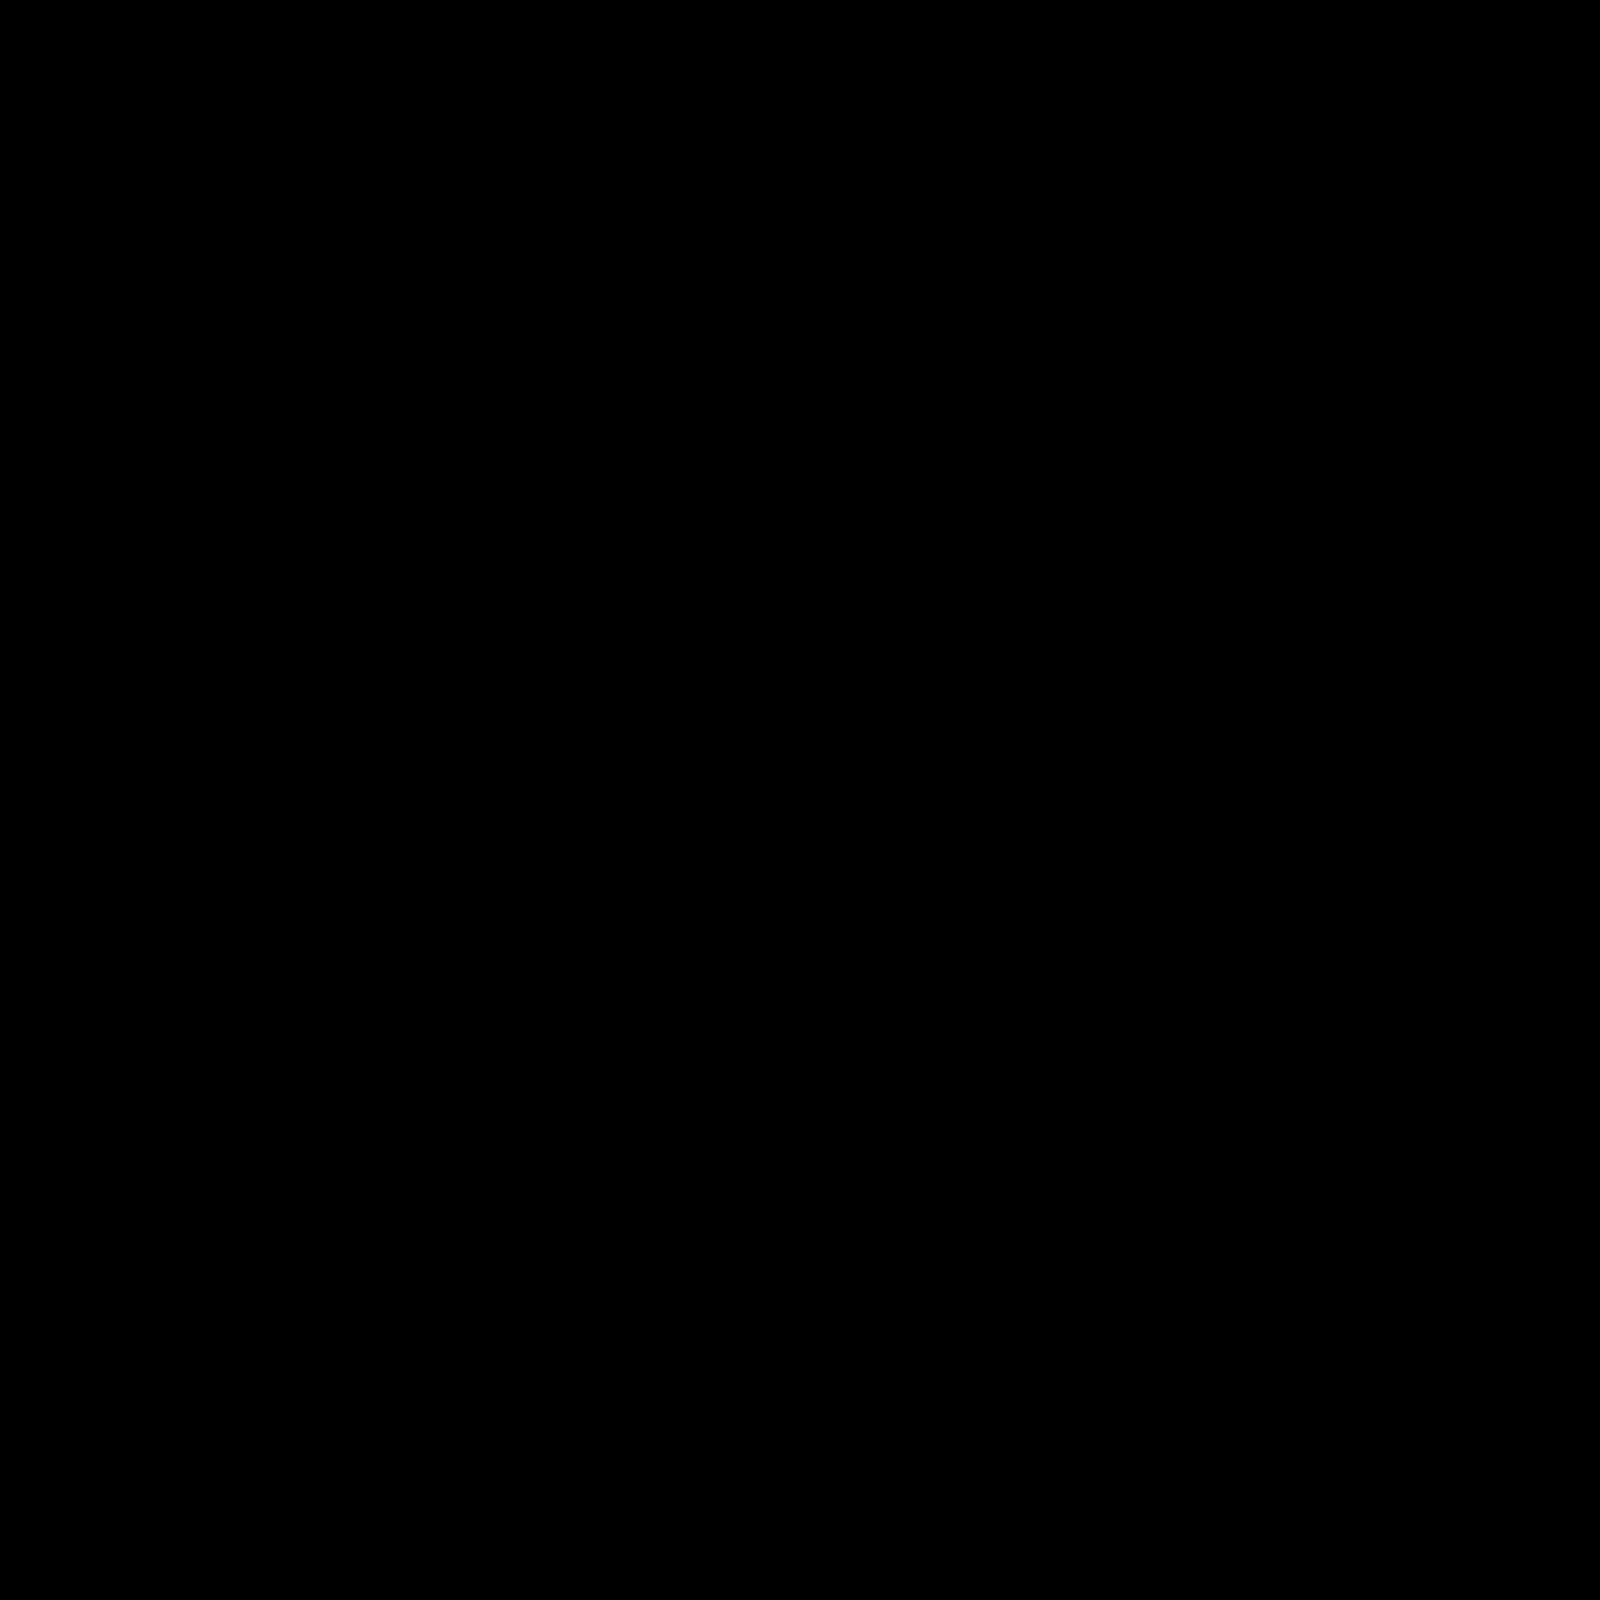 筹码 icon. The logo is a simple black and white line drawling. The logo is a depiction of a round circular poker chip with six small strips and a dollar sign in the center circle. .